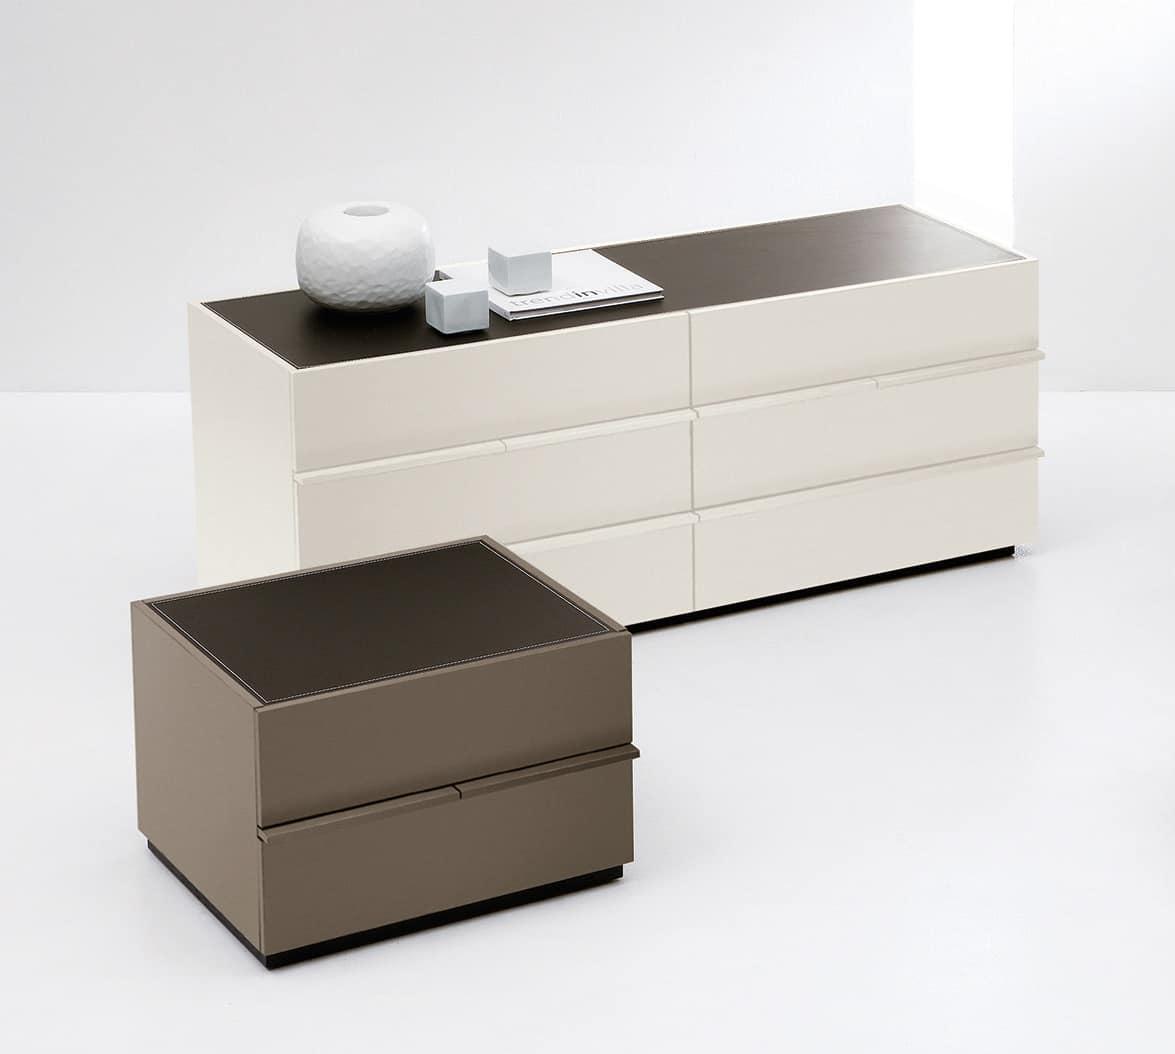 Com moderno in stile minimale per camera da letto - Cassettiere per camera da letto ...